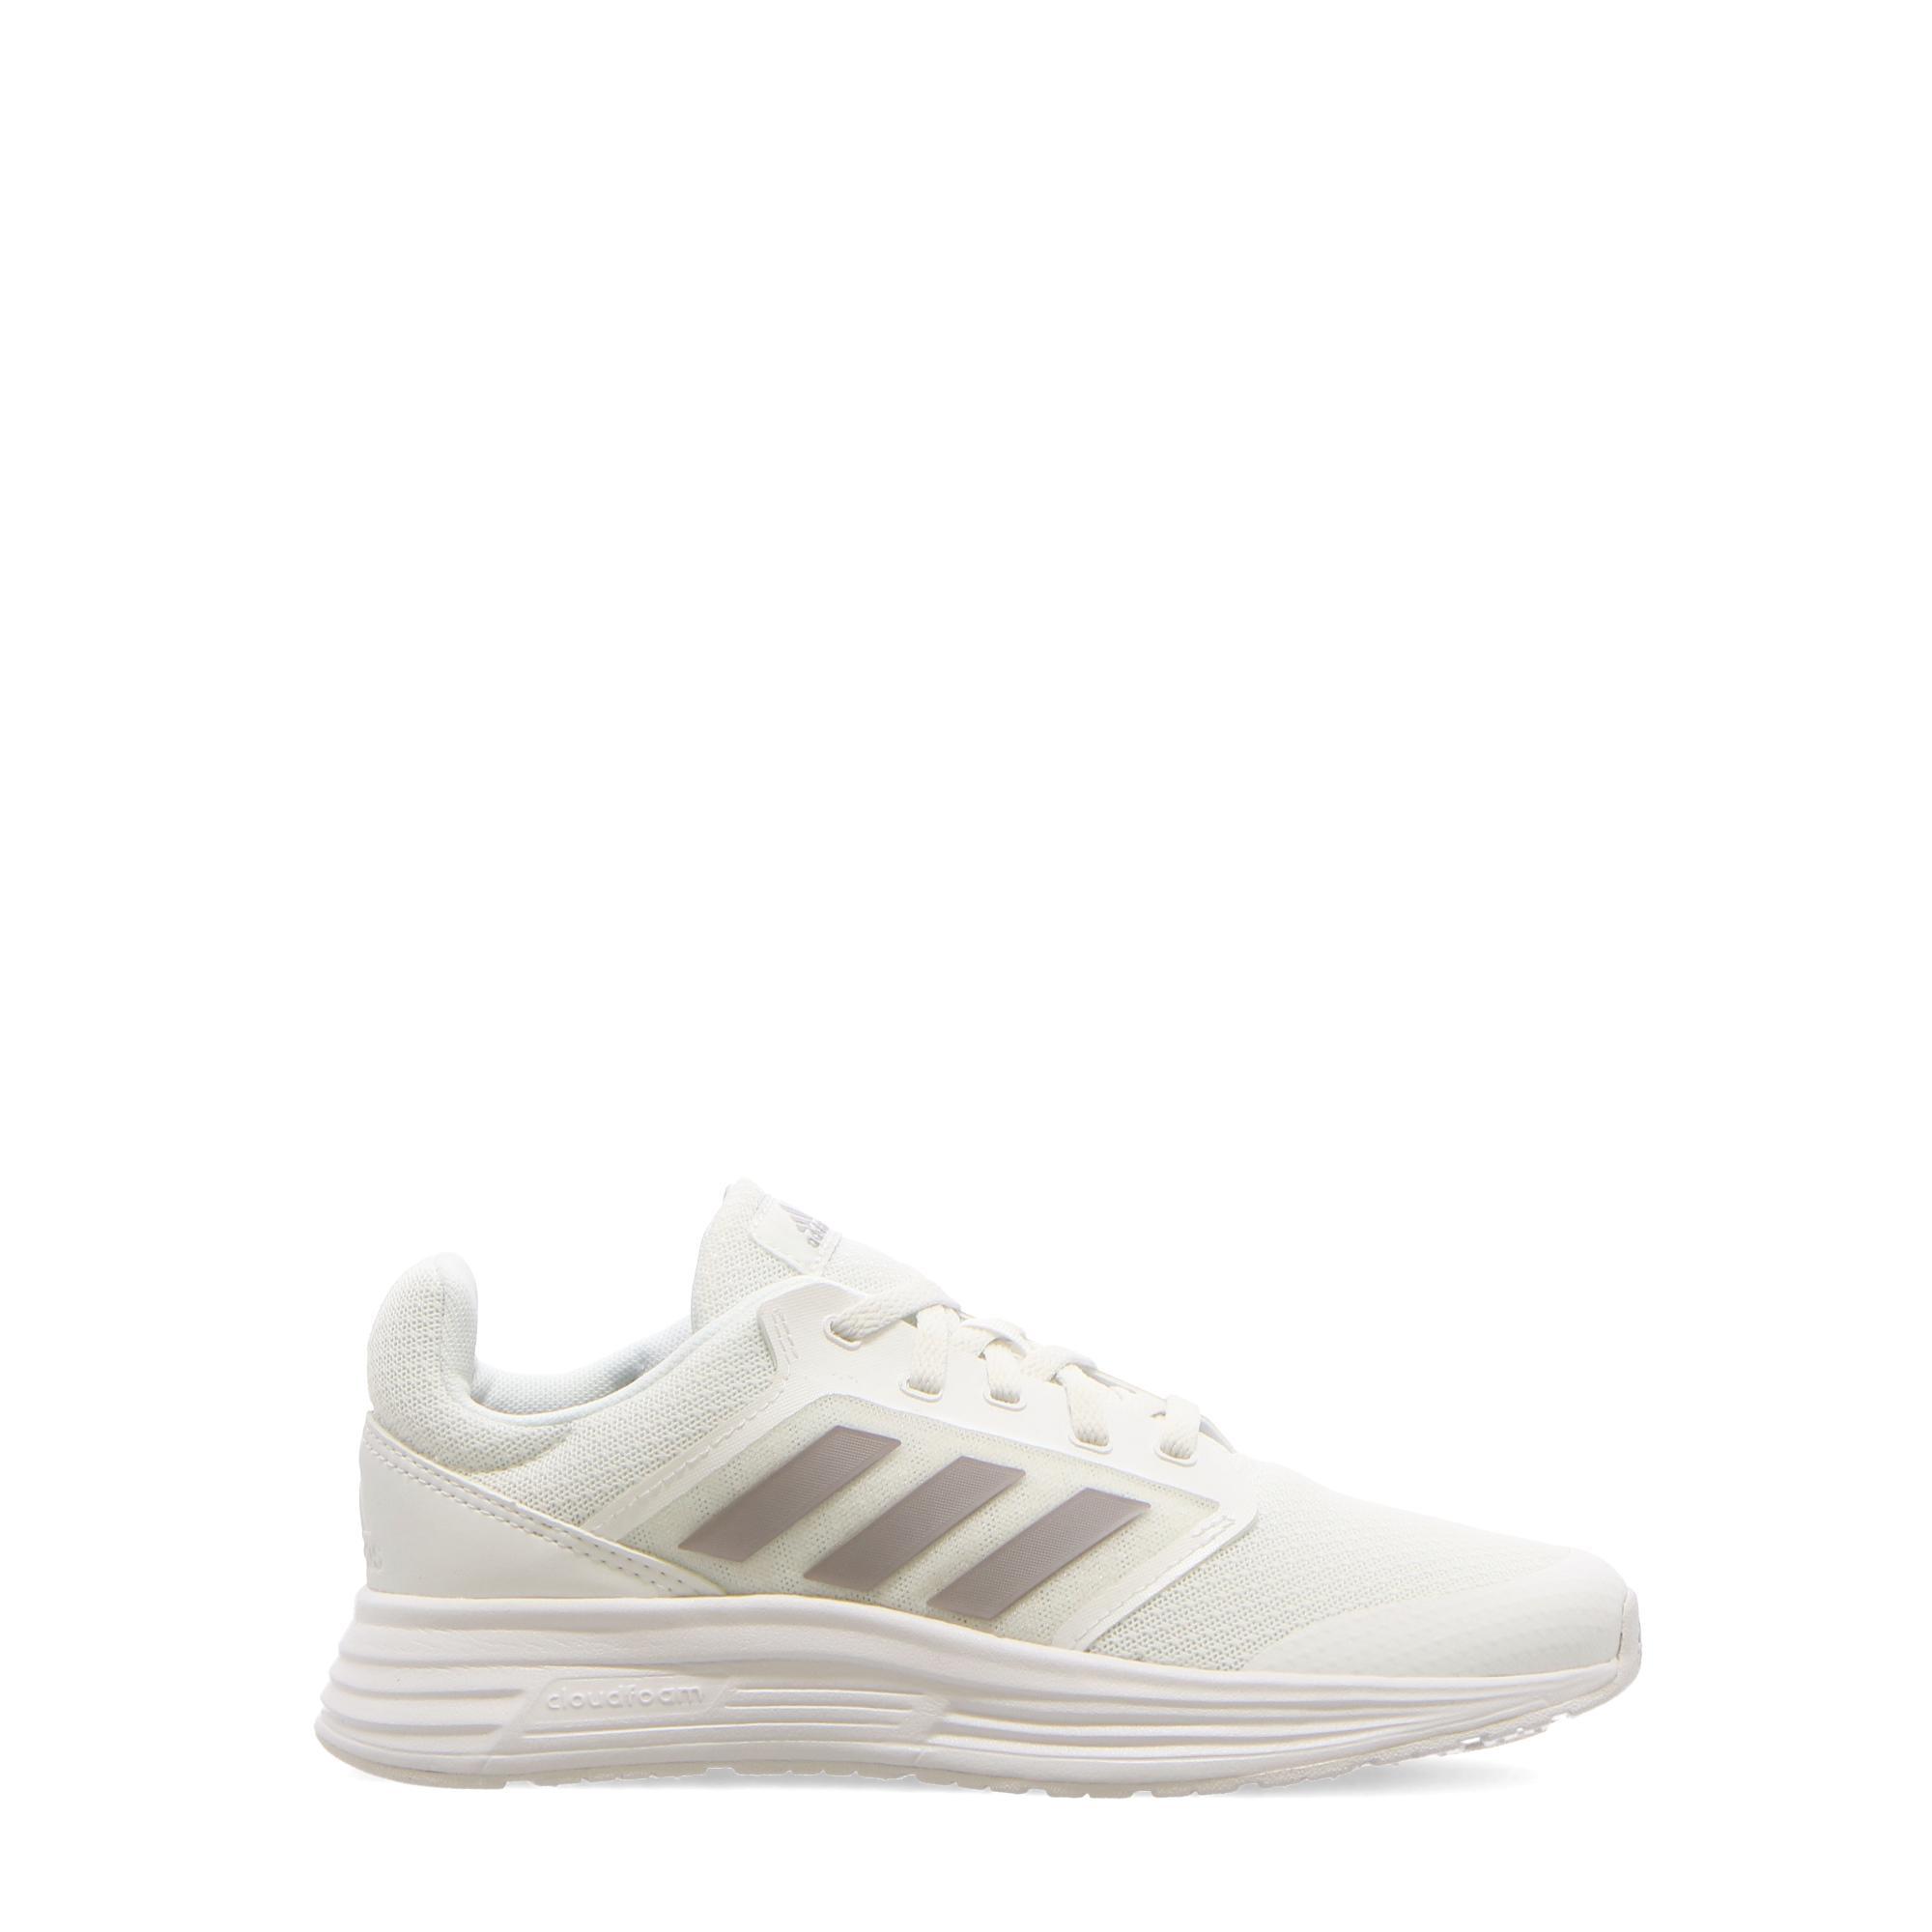 Adidas Galaxy 5 White glory grey core black